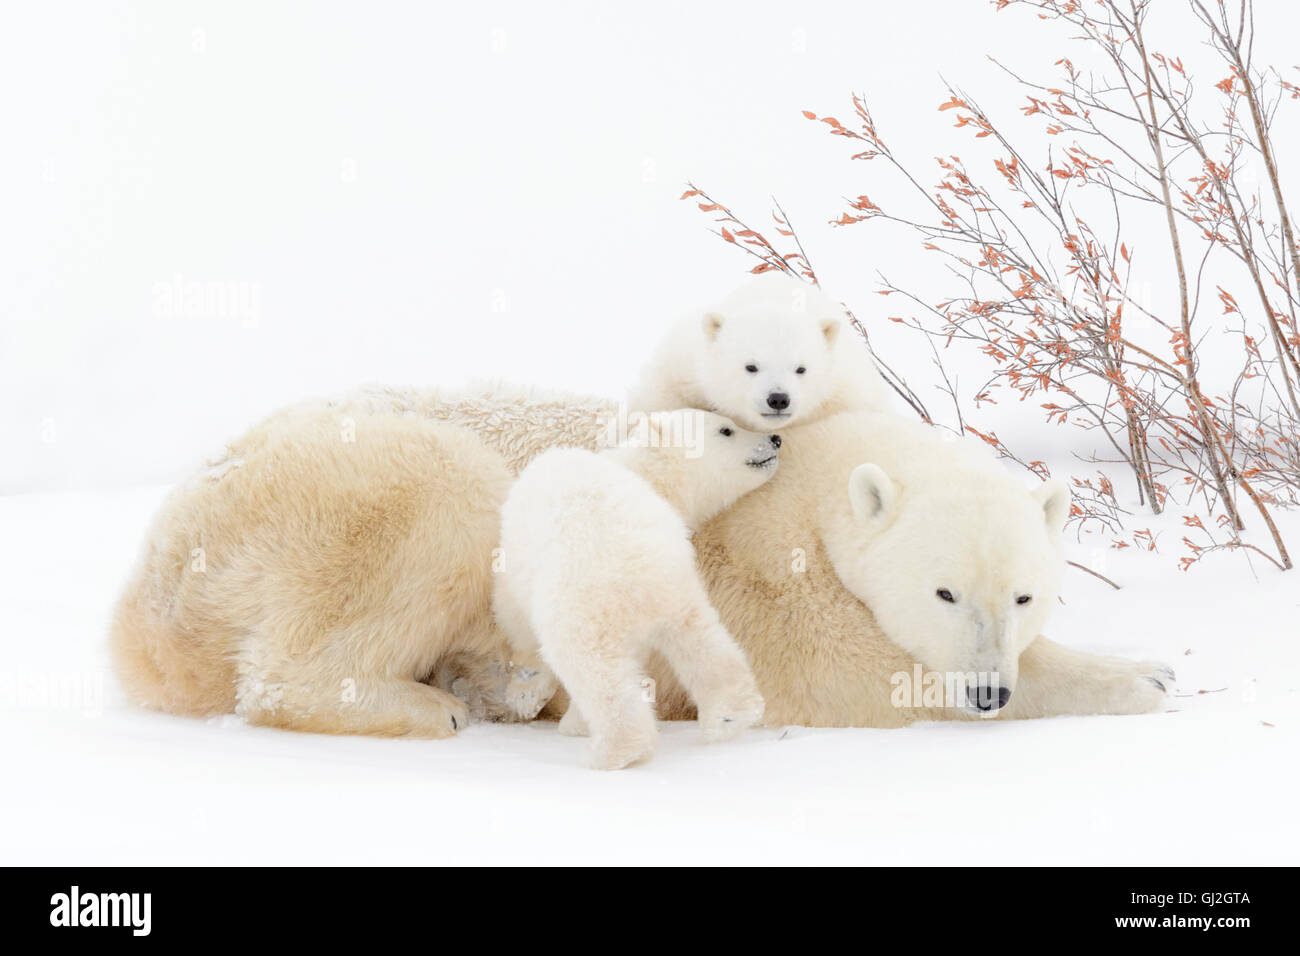 El oso polar (Ursus maritimus) madre acostado con dos cachorros jugando, Parque Nacional Wapusk, Manitoba, Canadá Imagen De Stock